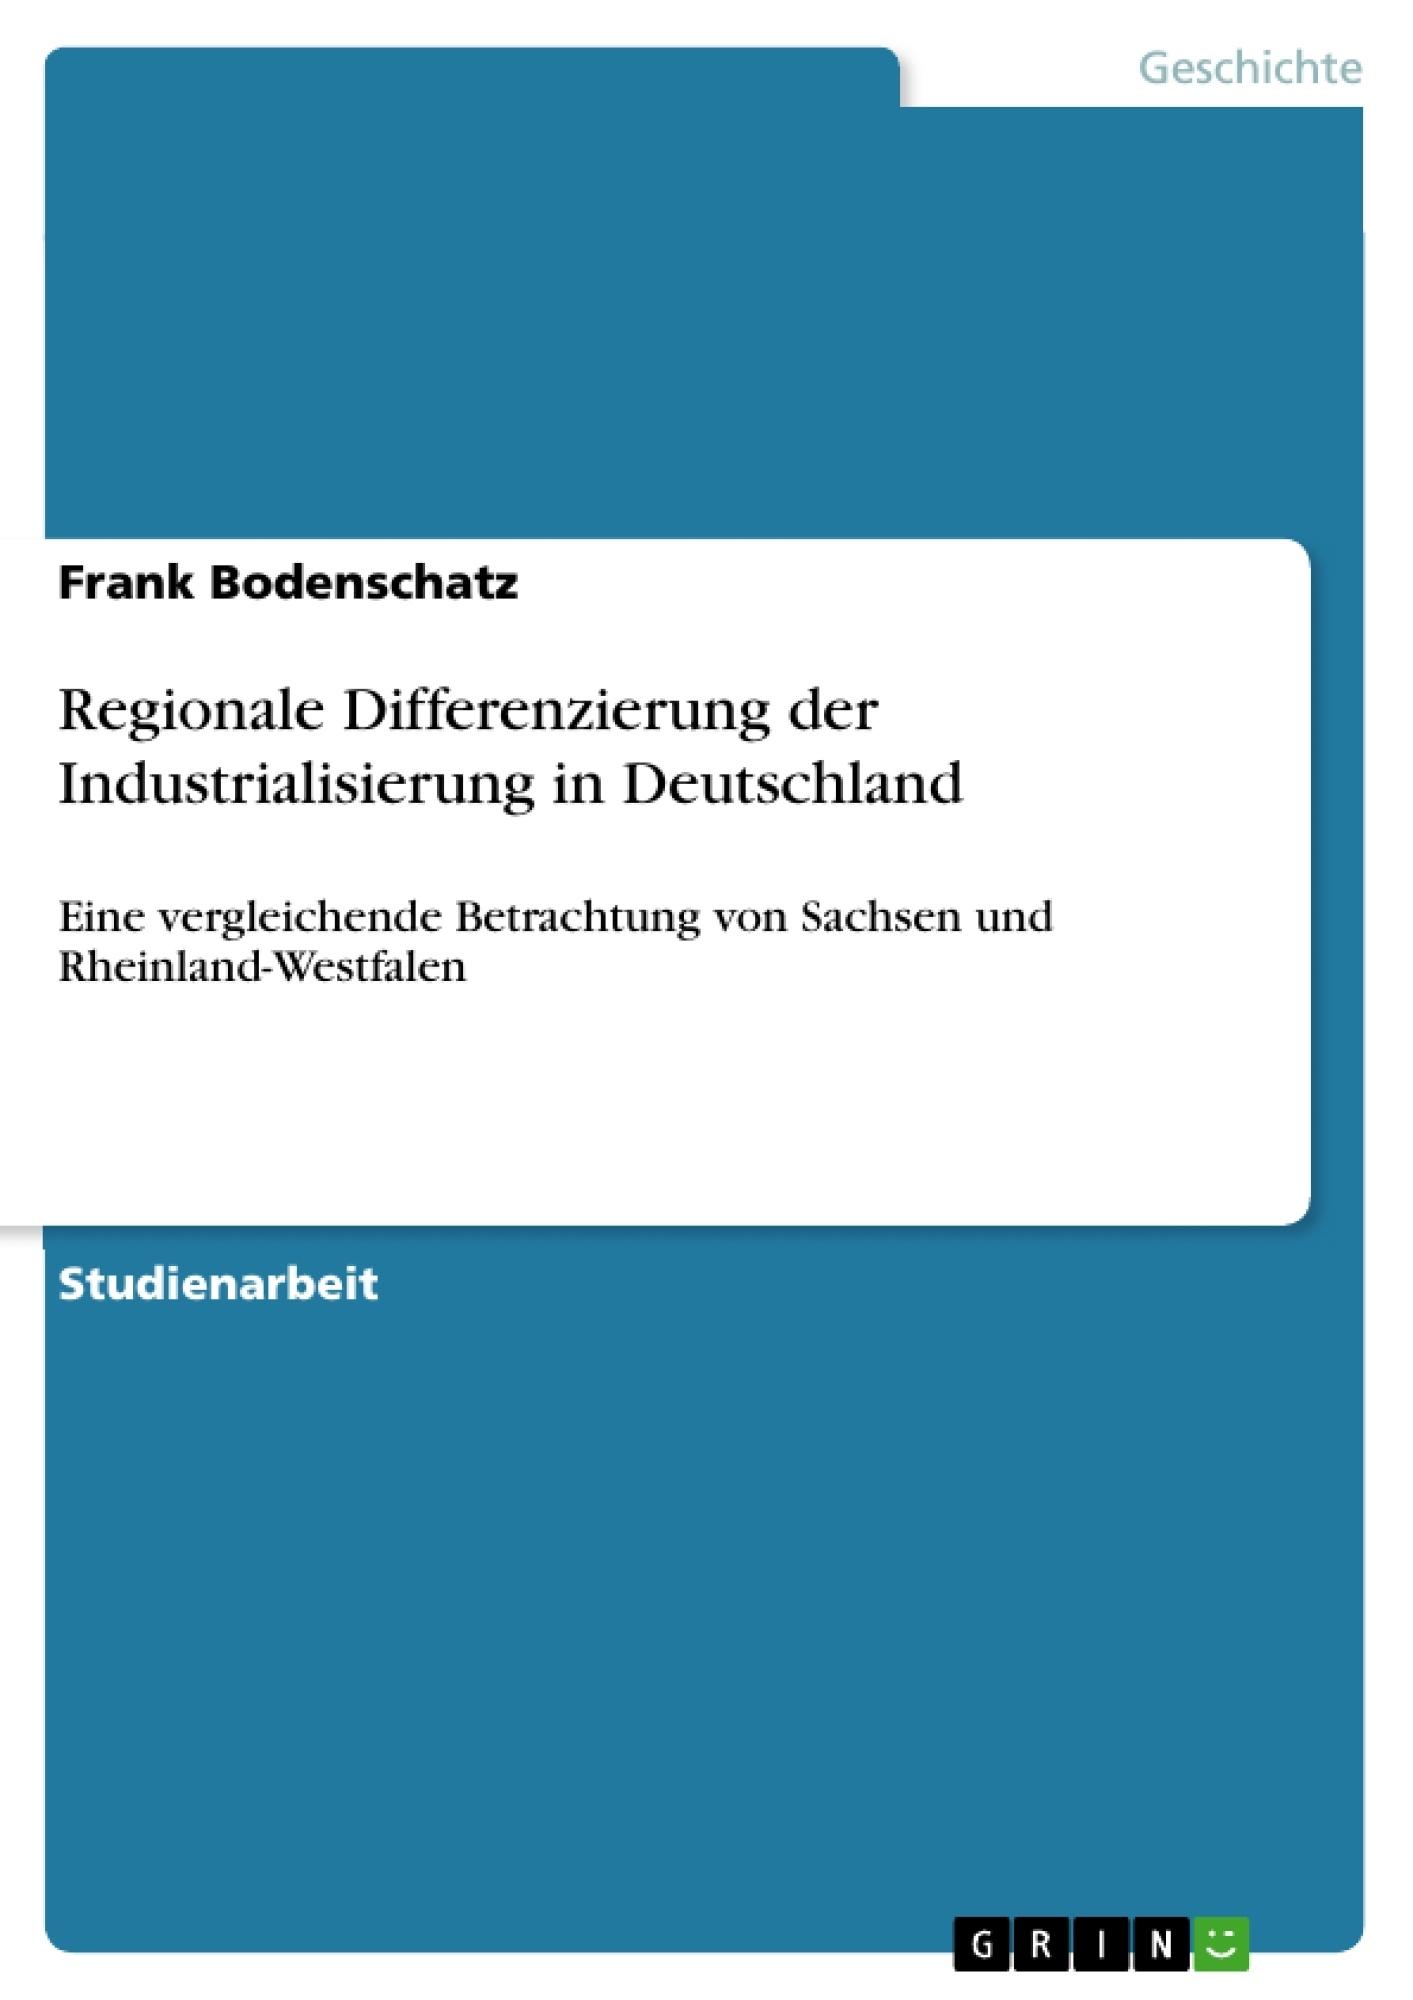 Titel: Regionale Differenzierung der Industrialisierung in Deutschland